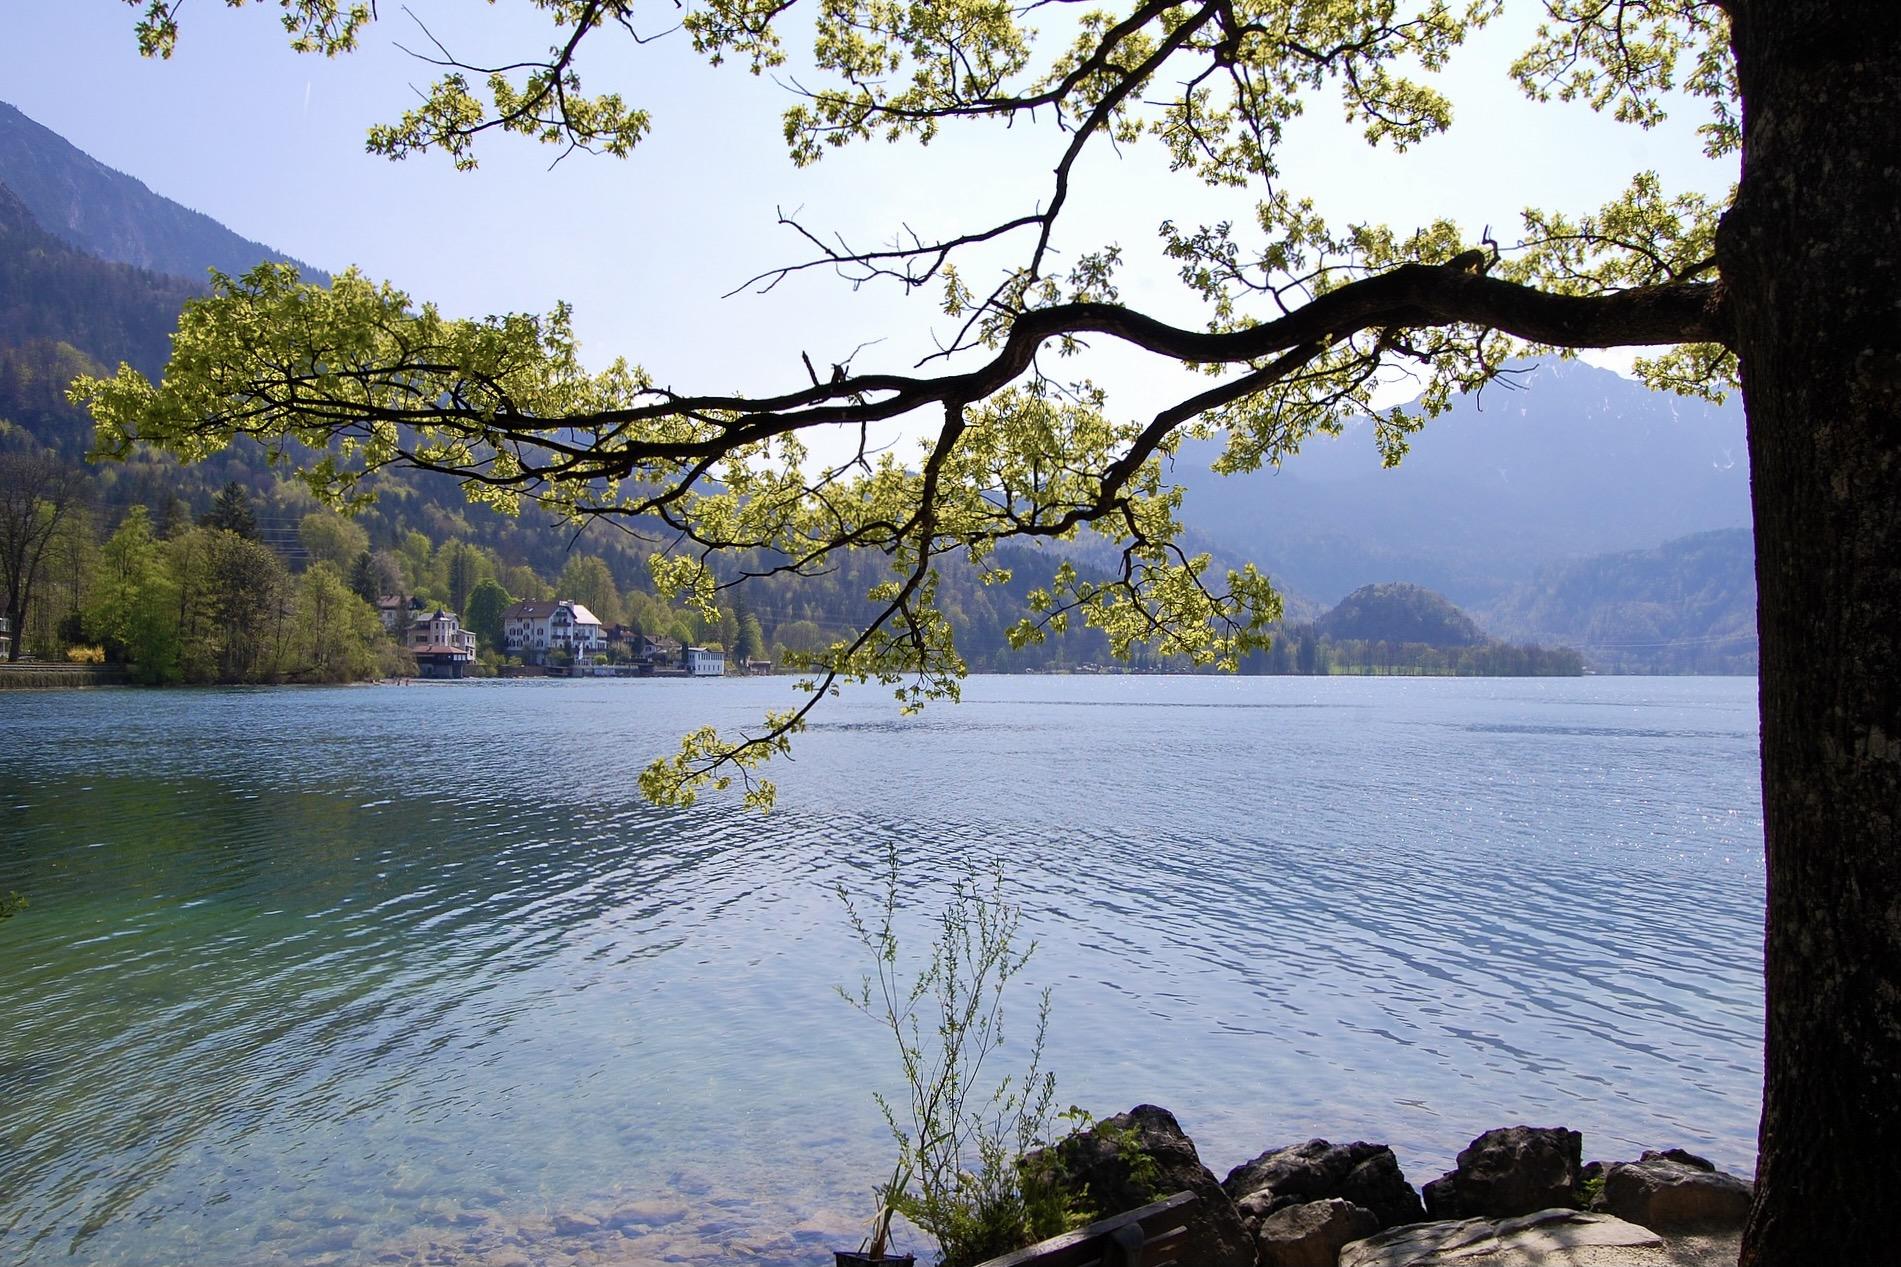 Der Kochelsee ist ein schöner See in Bayern